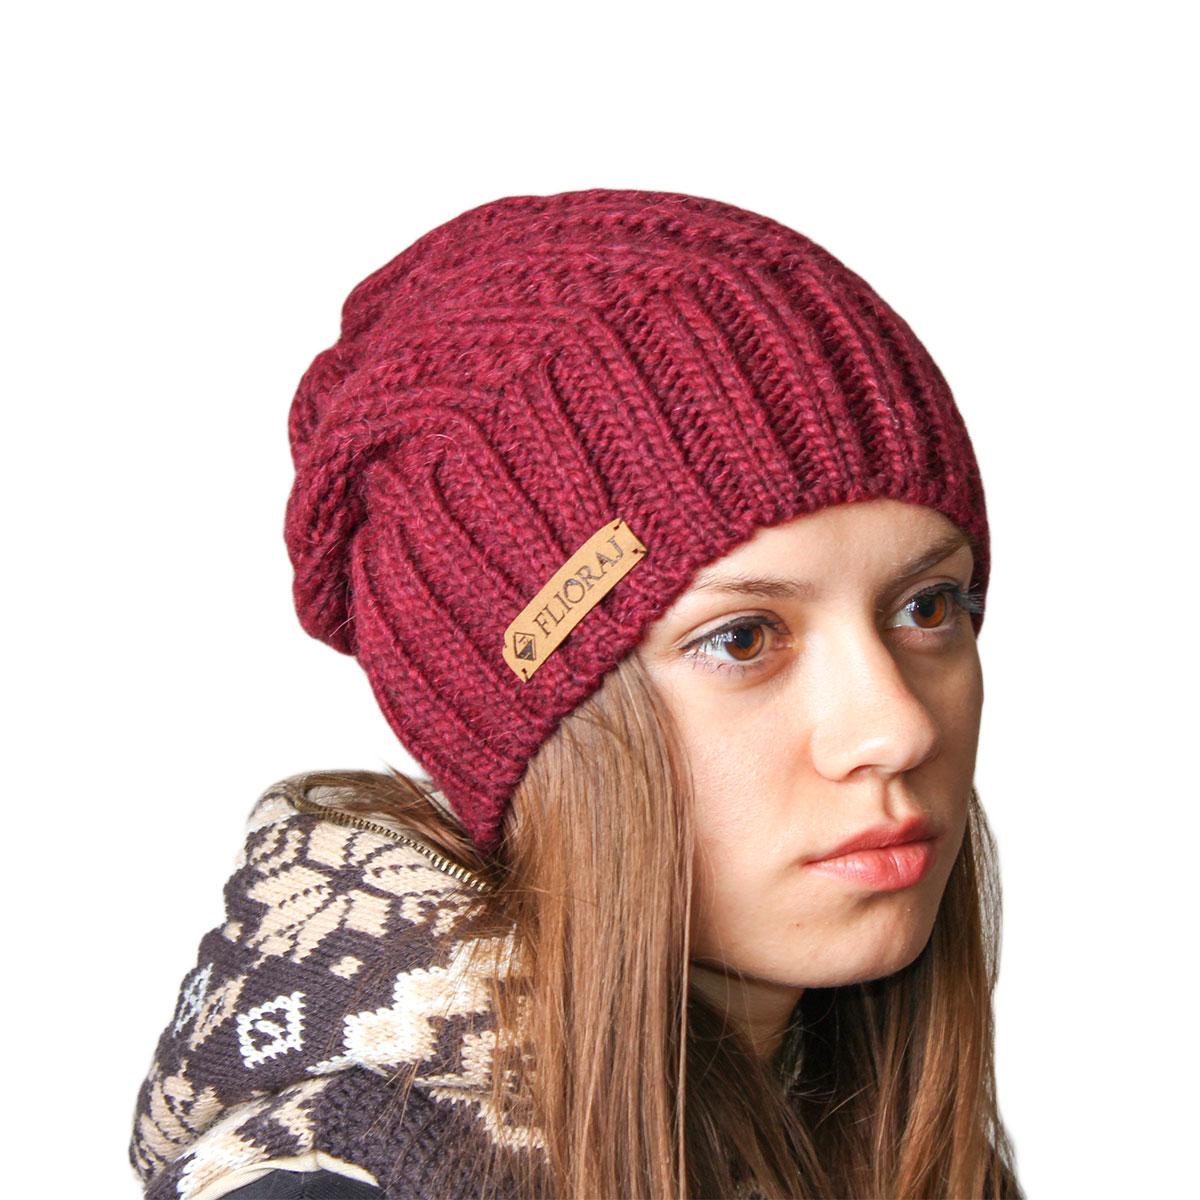 Шапка011FJТеплая шапка Flioraj выполнена из овечьей шерсти и шерсти горной альпаки с добавлением полиакрила и вискозы. Модель имеет крупную плотную вязку, оформлена оригинальным вязаным рисунком и декорирована фирменным кожаным логотипом. Уважаемые клиенты! Размер, доступный для заказа, является обхватом головы.